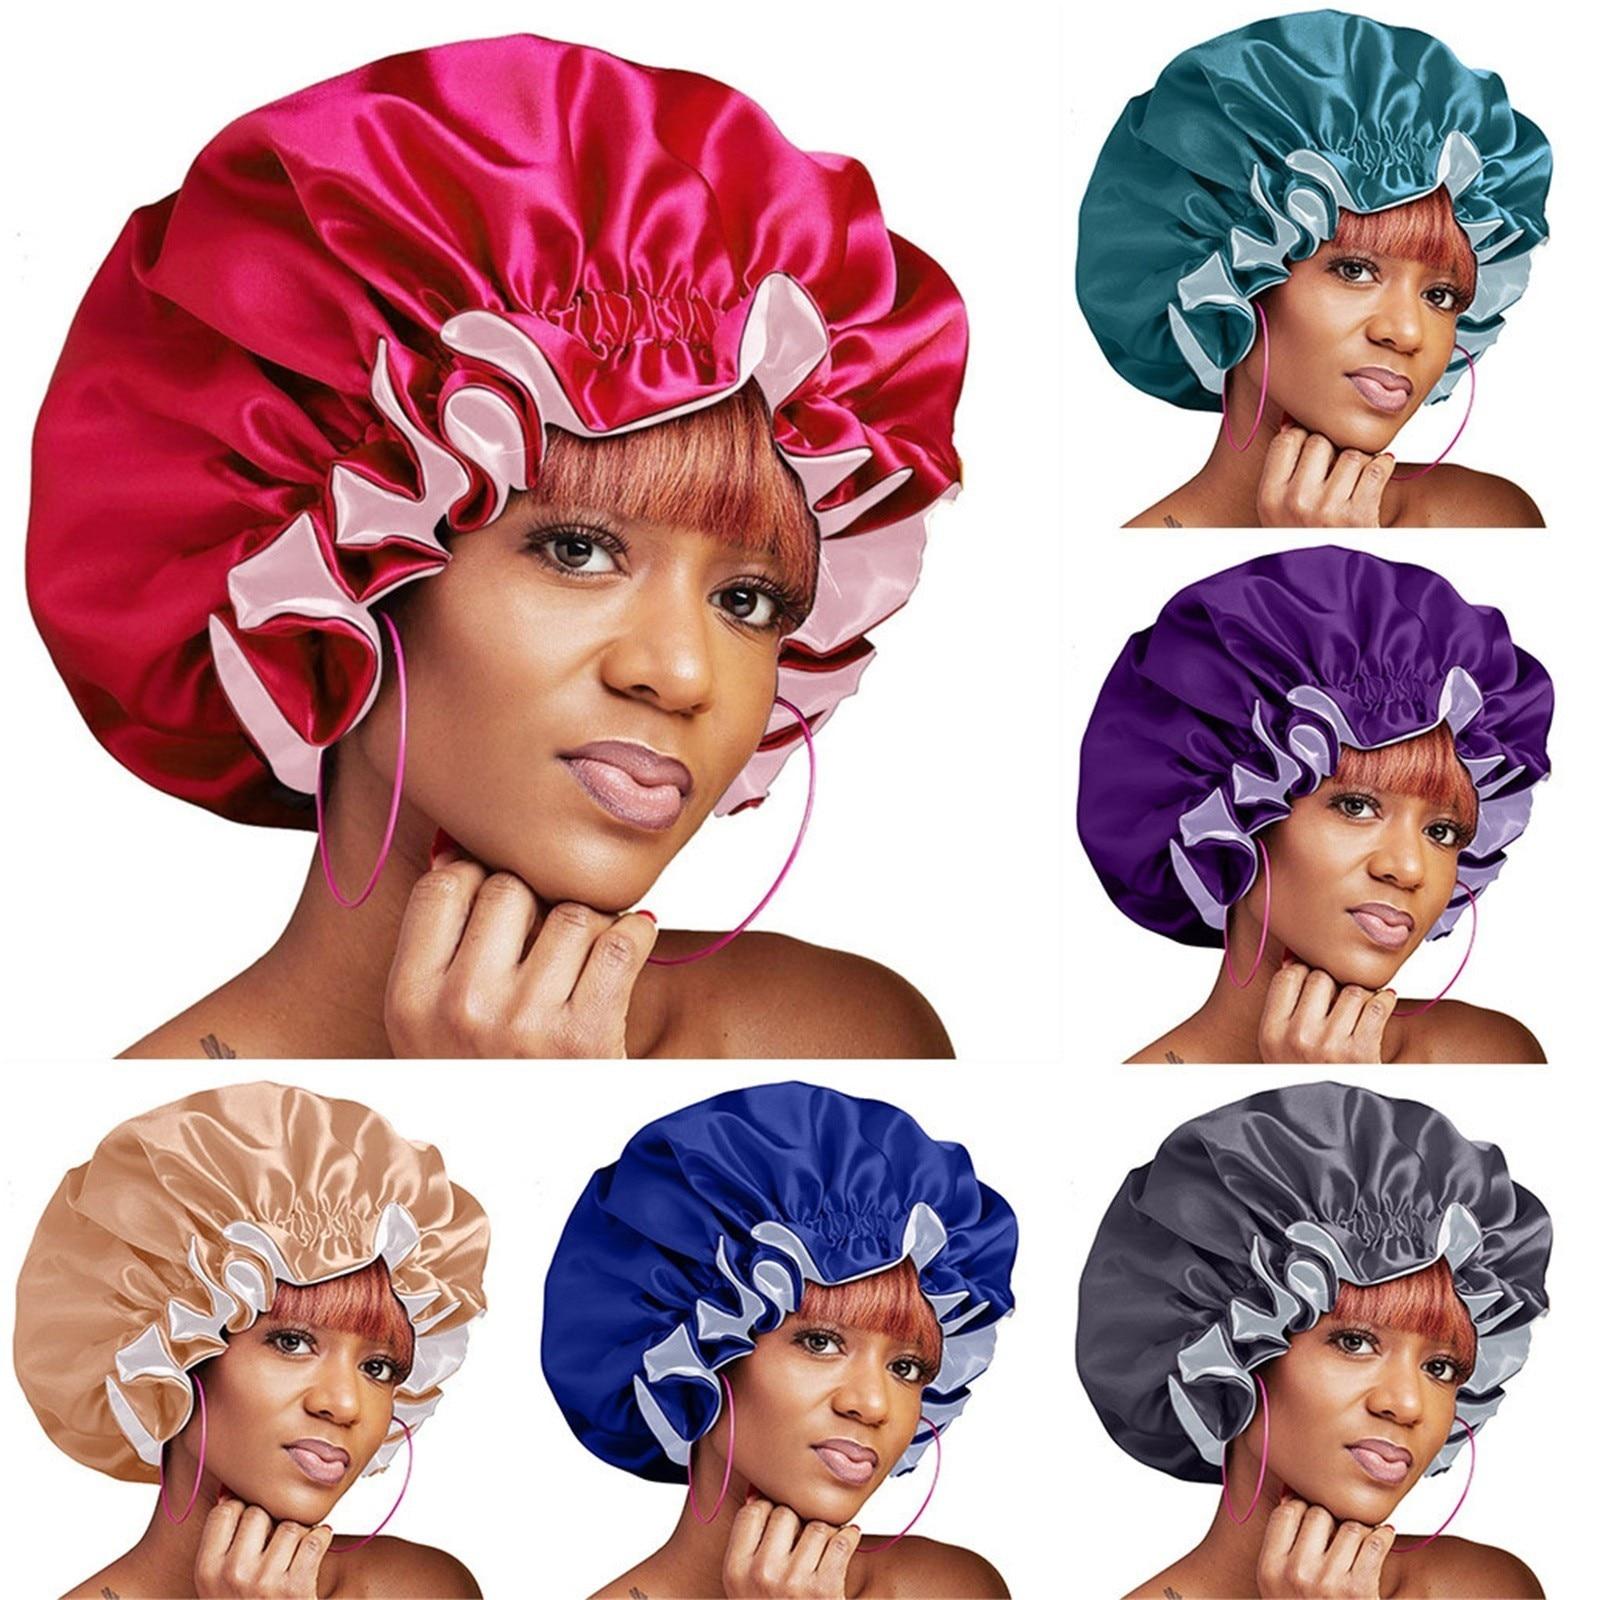 Shower Caps Accessories Double Layer Reversible Adjustable   Solid Color Satin Bonnet Sleep Bonnet Cap Large Satin Cap Headwrap